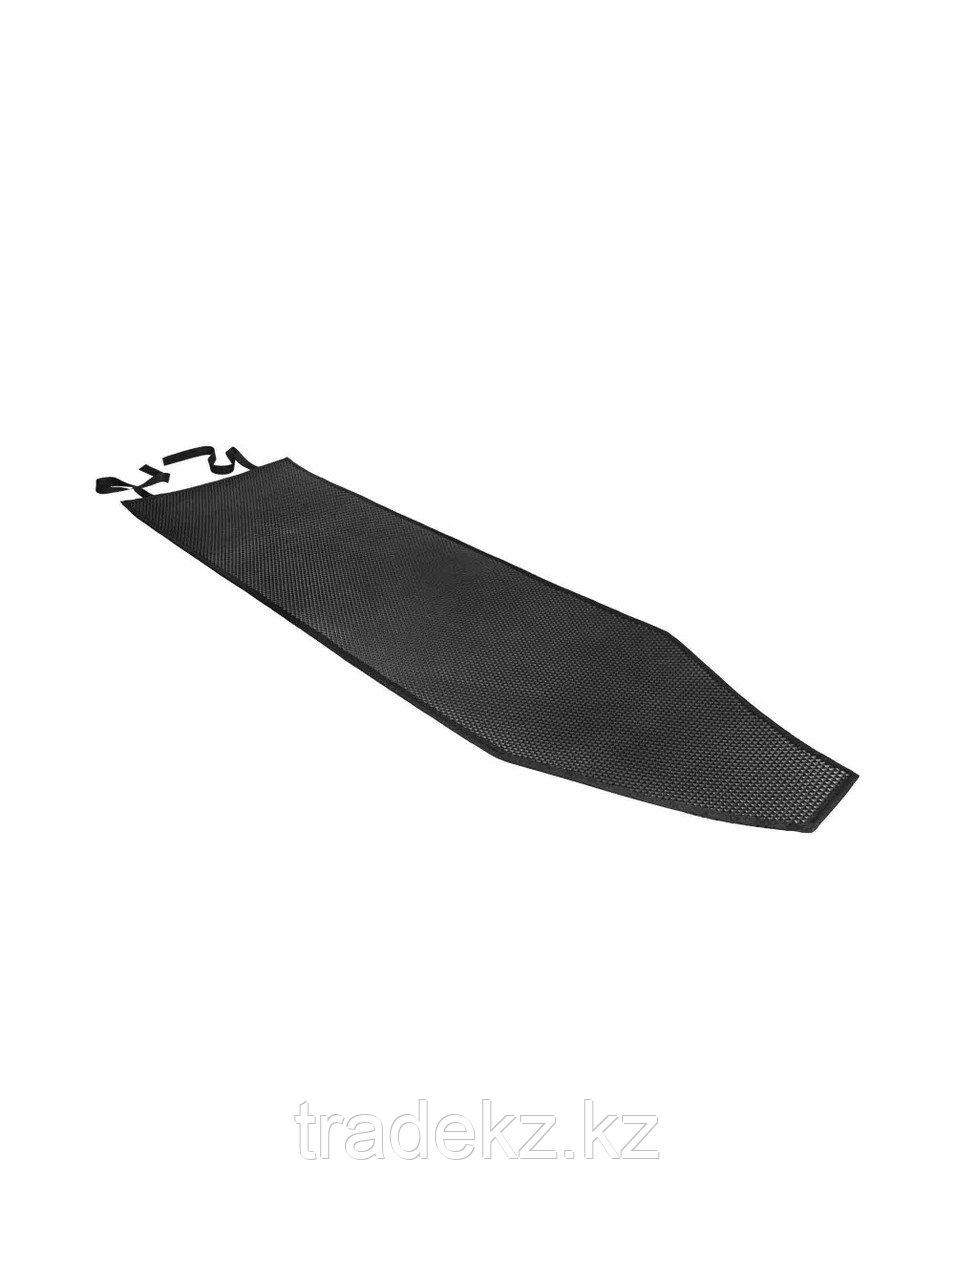 Коврик ЭВА EVA Proff по форме дна для лодки РИВЬЕРА 3200СК НДНД КОМПАКТ